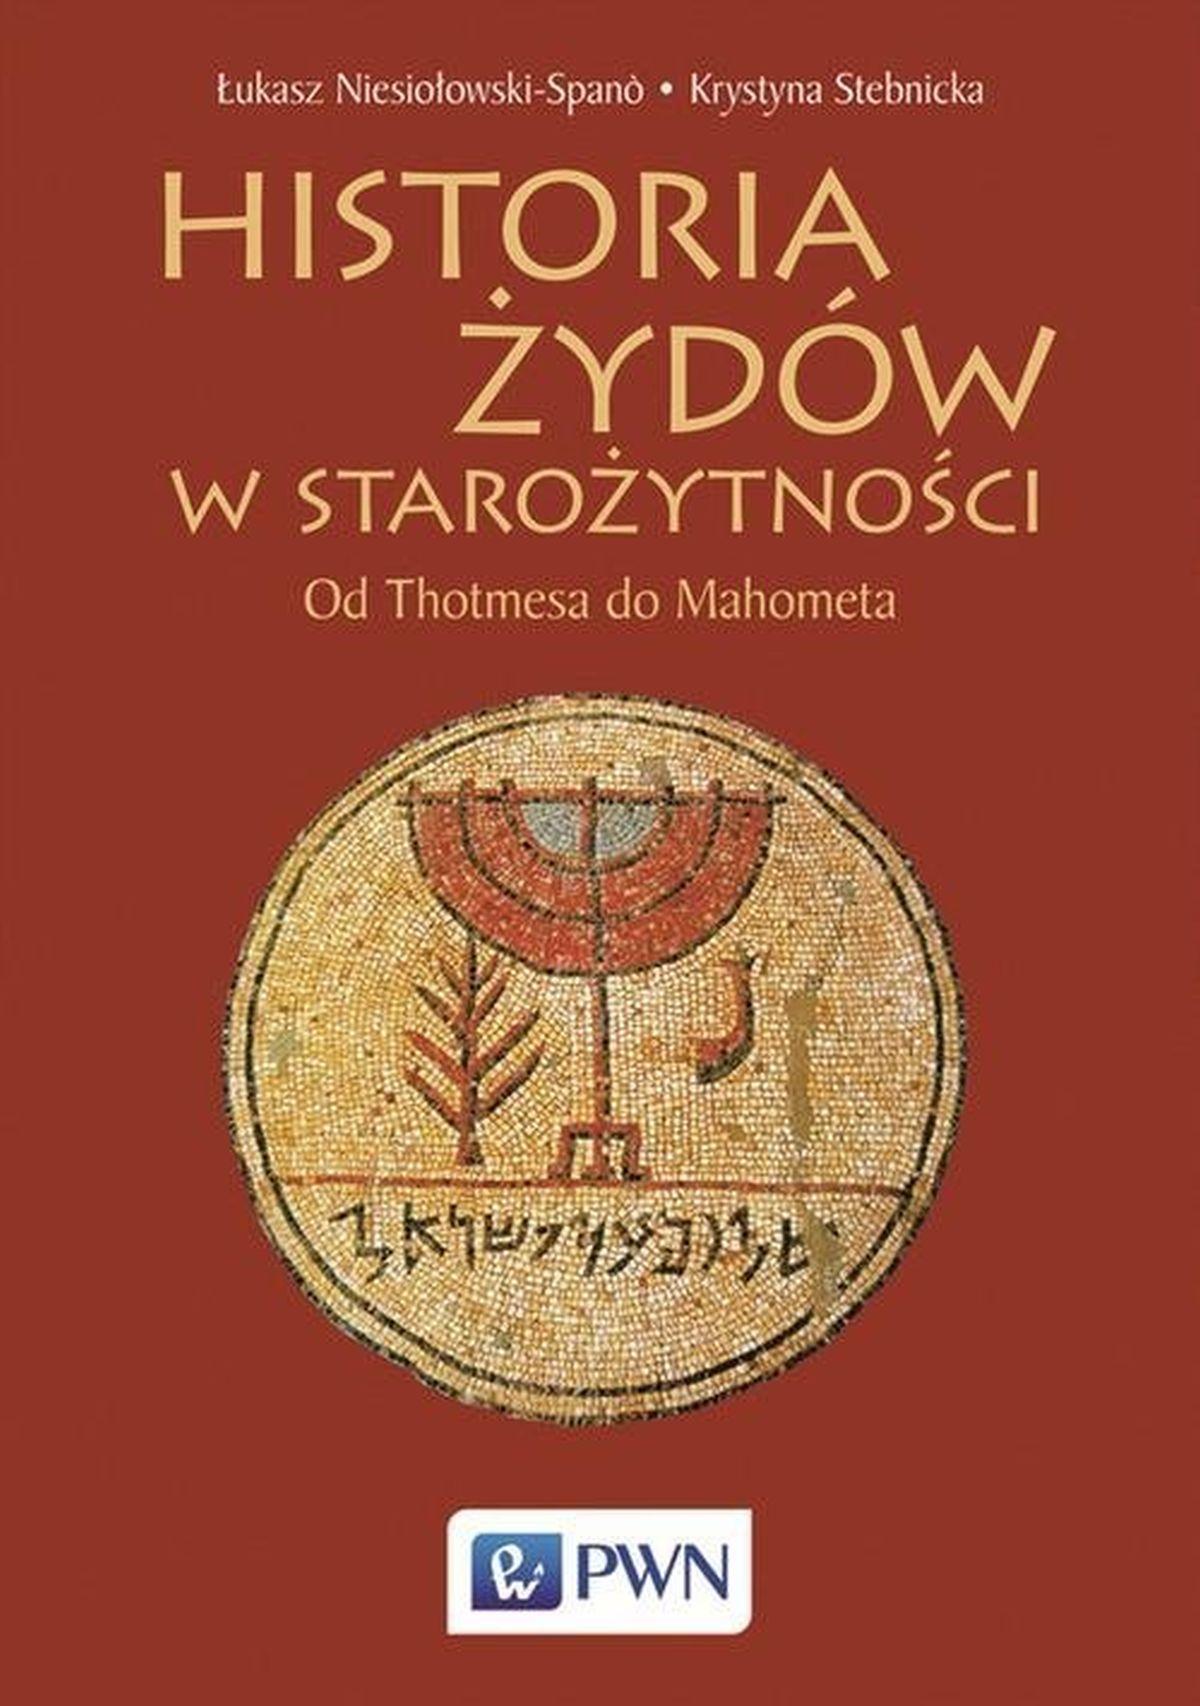 Historia Żydów w starożytności. Od Thotmesa do Mahometa